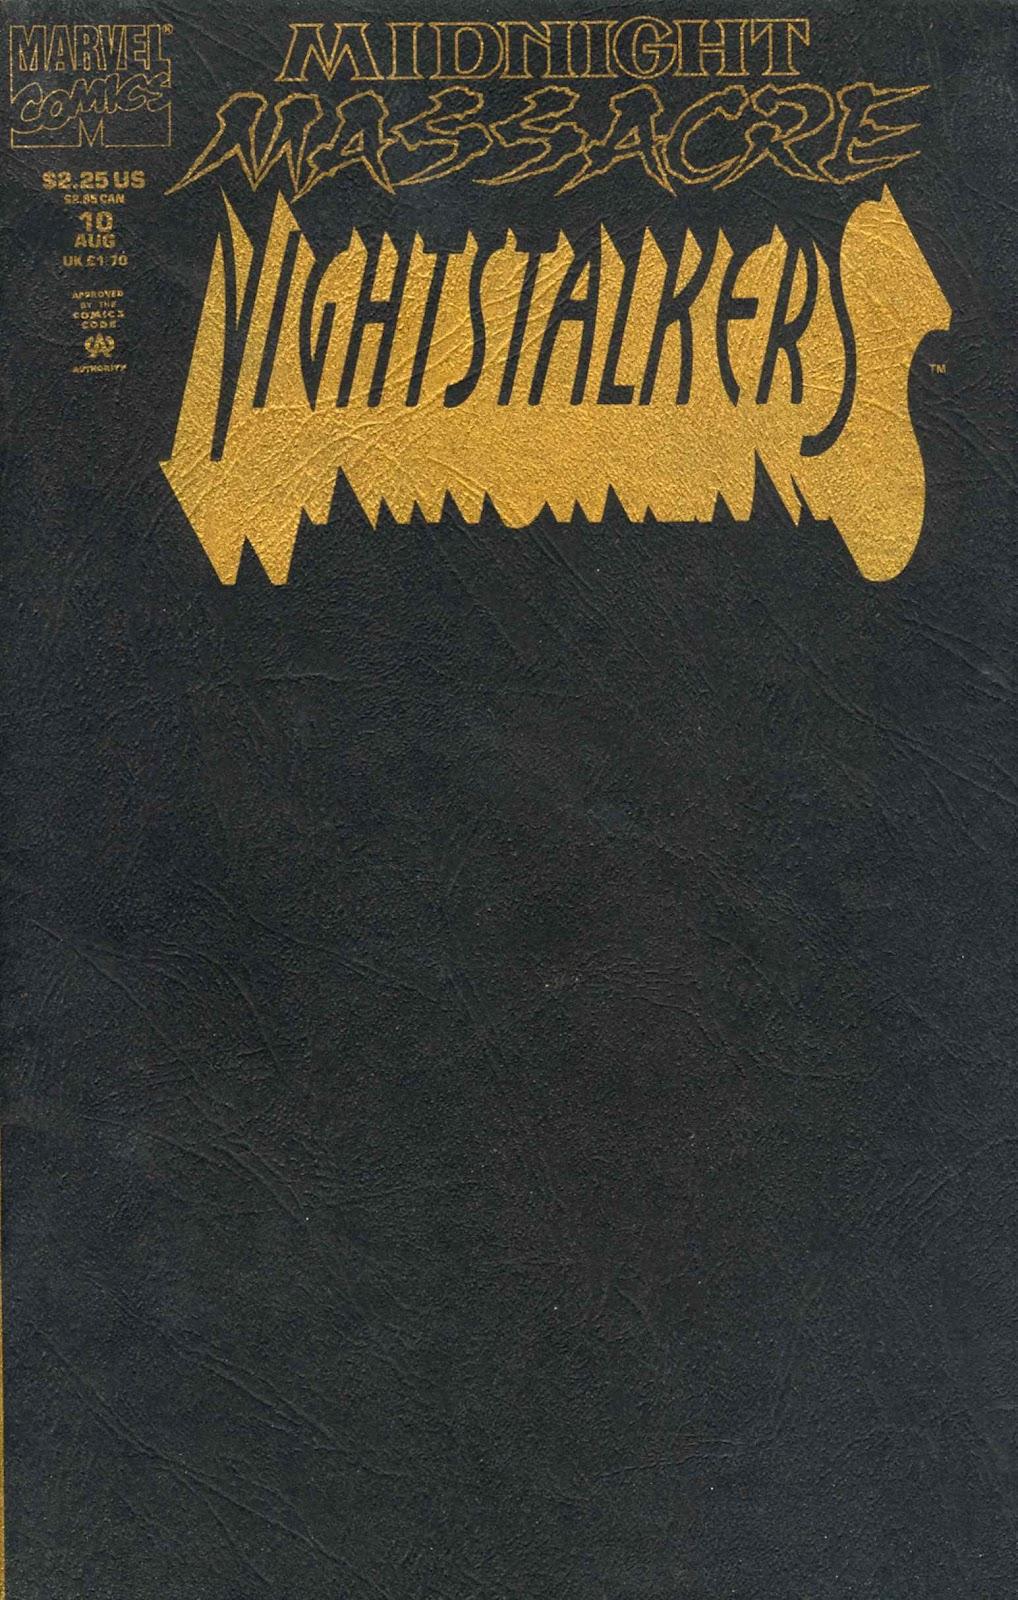 Nightstalkers 10 Page 1